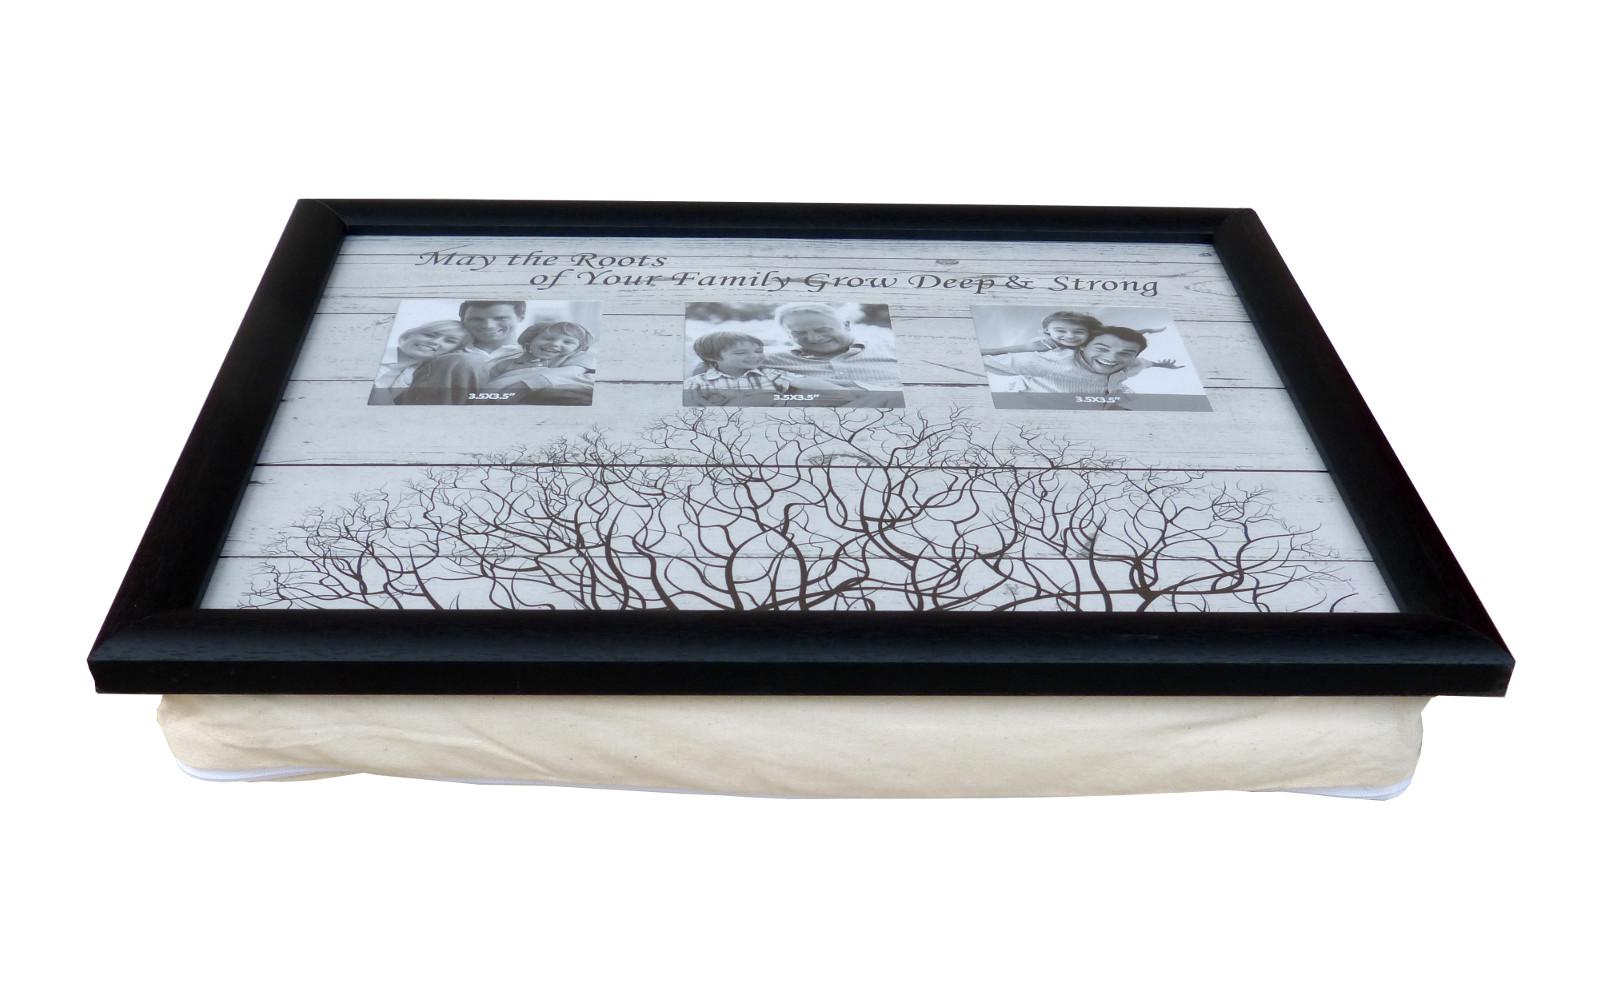 knietablett betttablett bilderrahmen kissen tablet. Black Bedroom Furniture Sets. Home Design Ideas